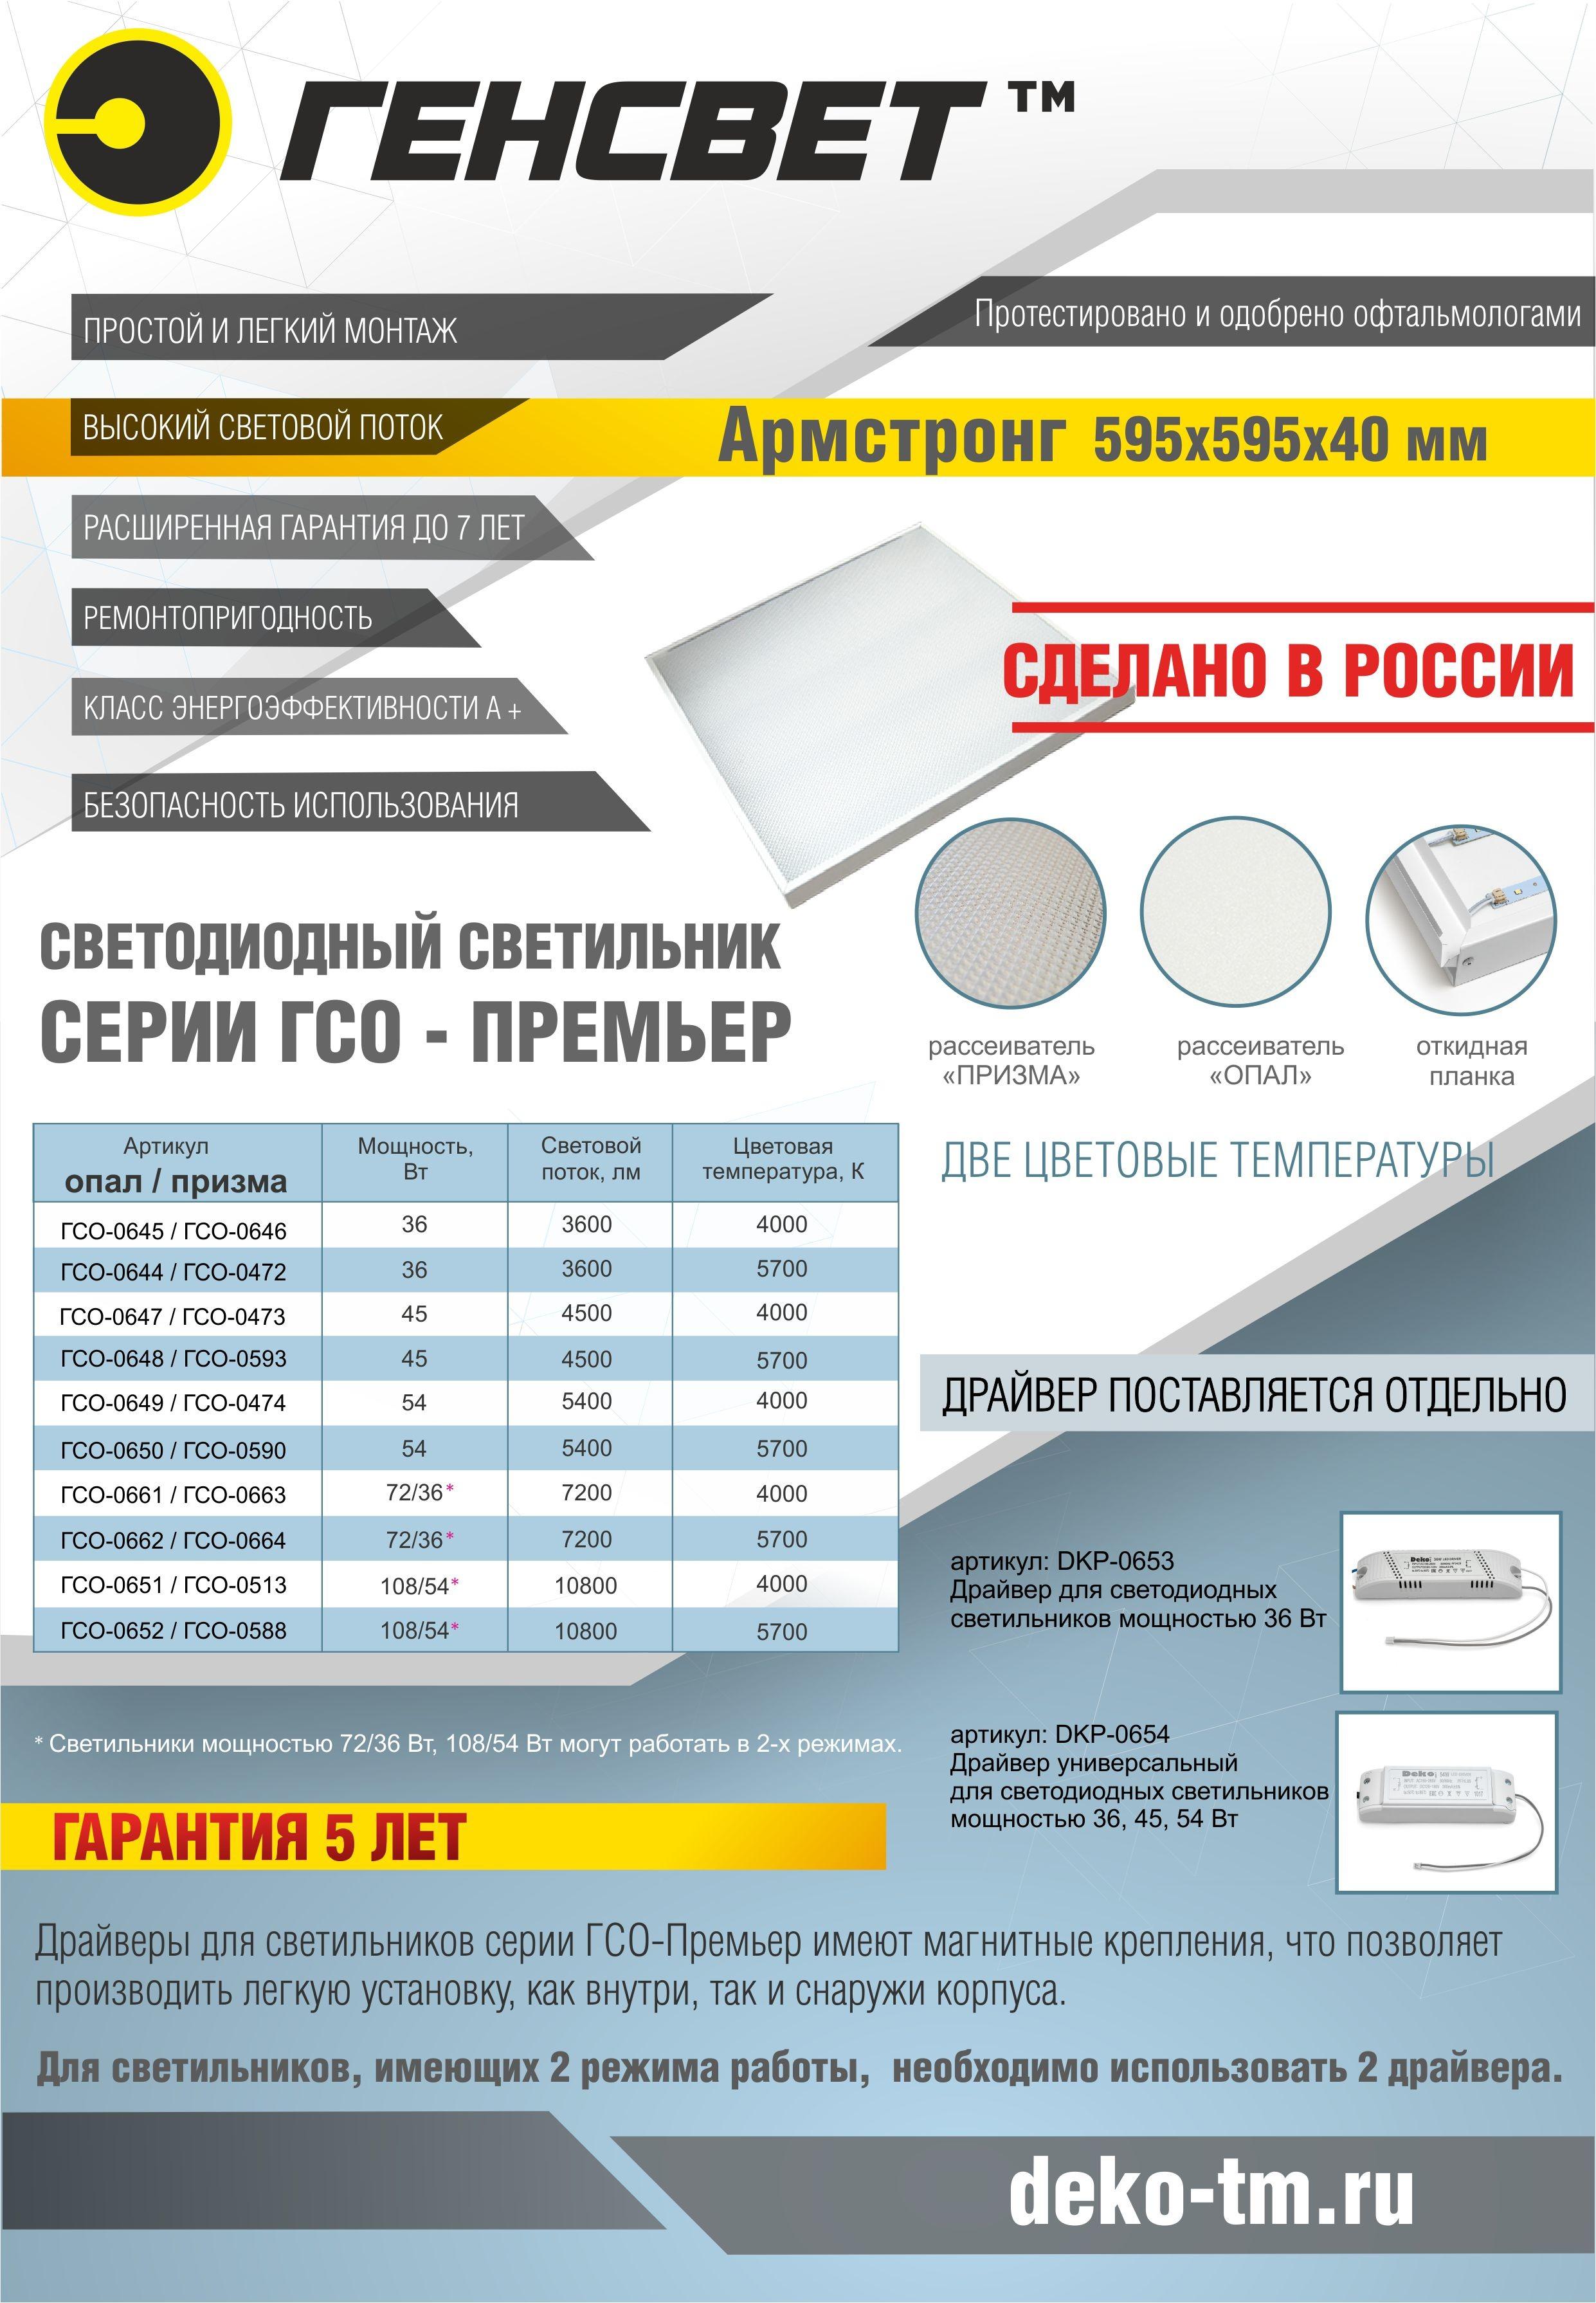 ГЕНСВЕТ_Светодиодные светильники серии ГСО-Премьер Армстронг